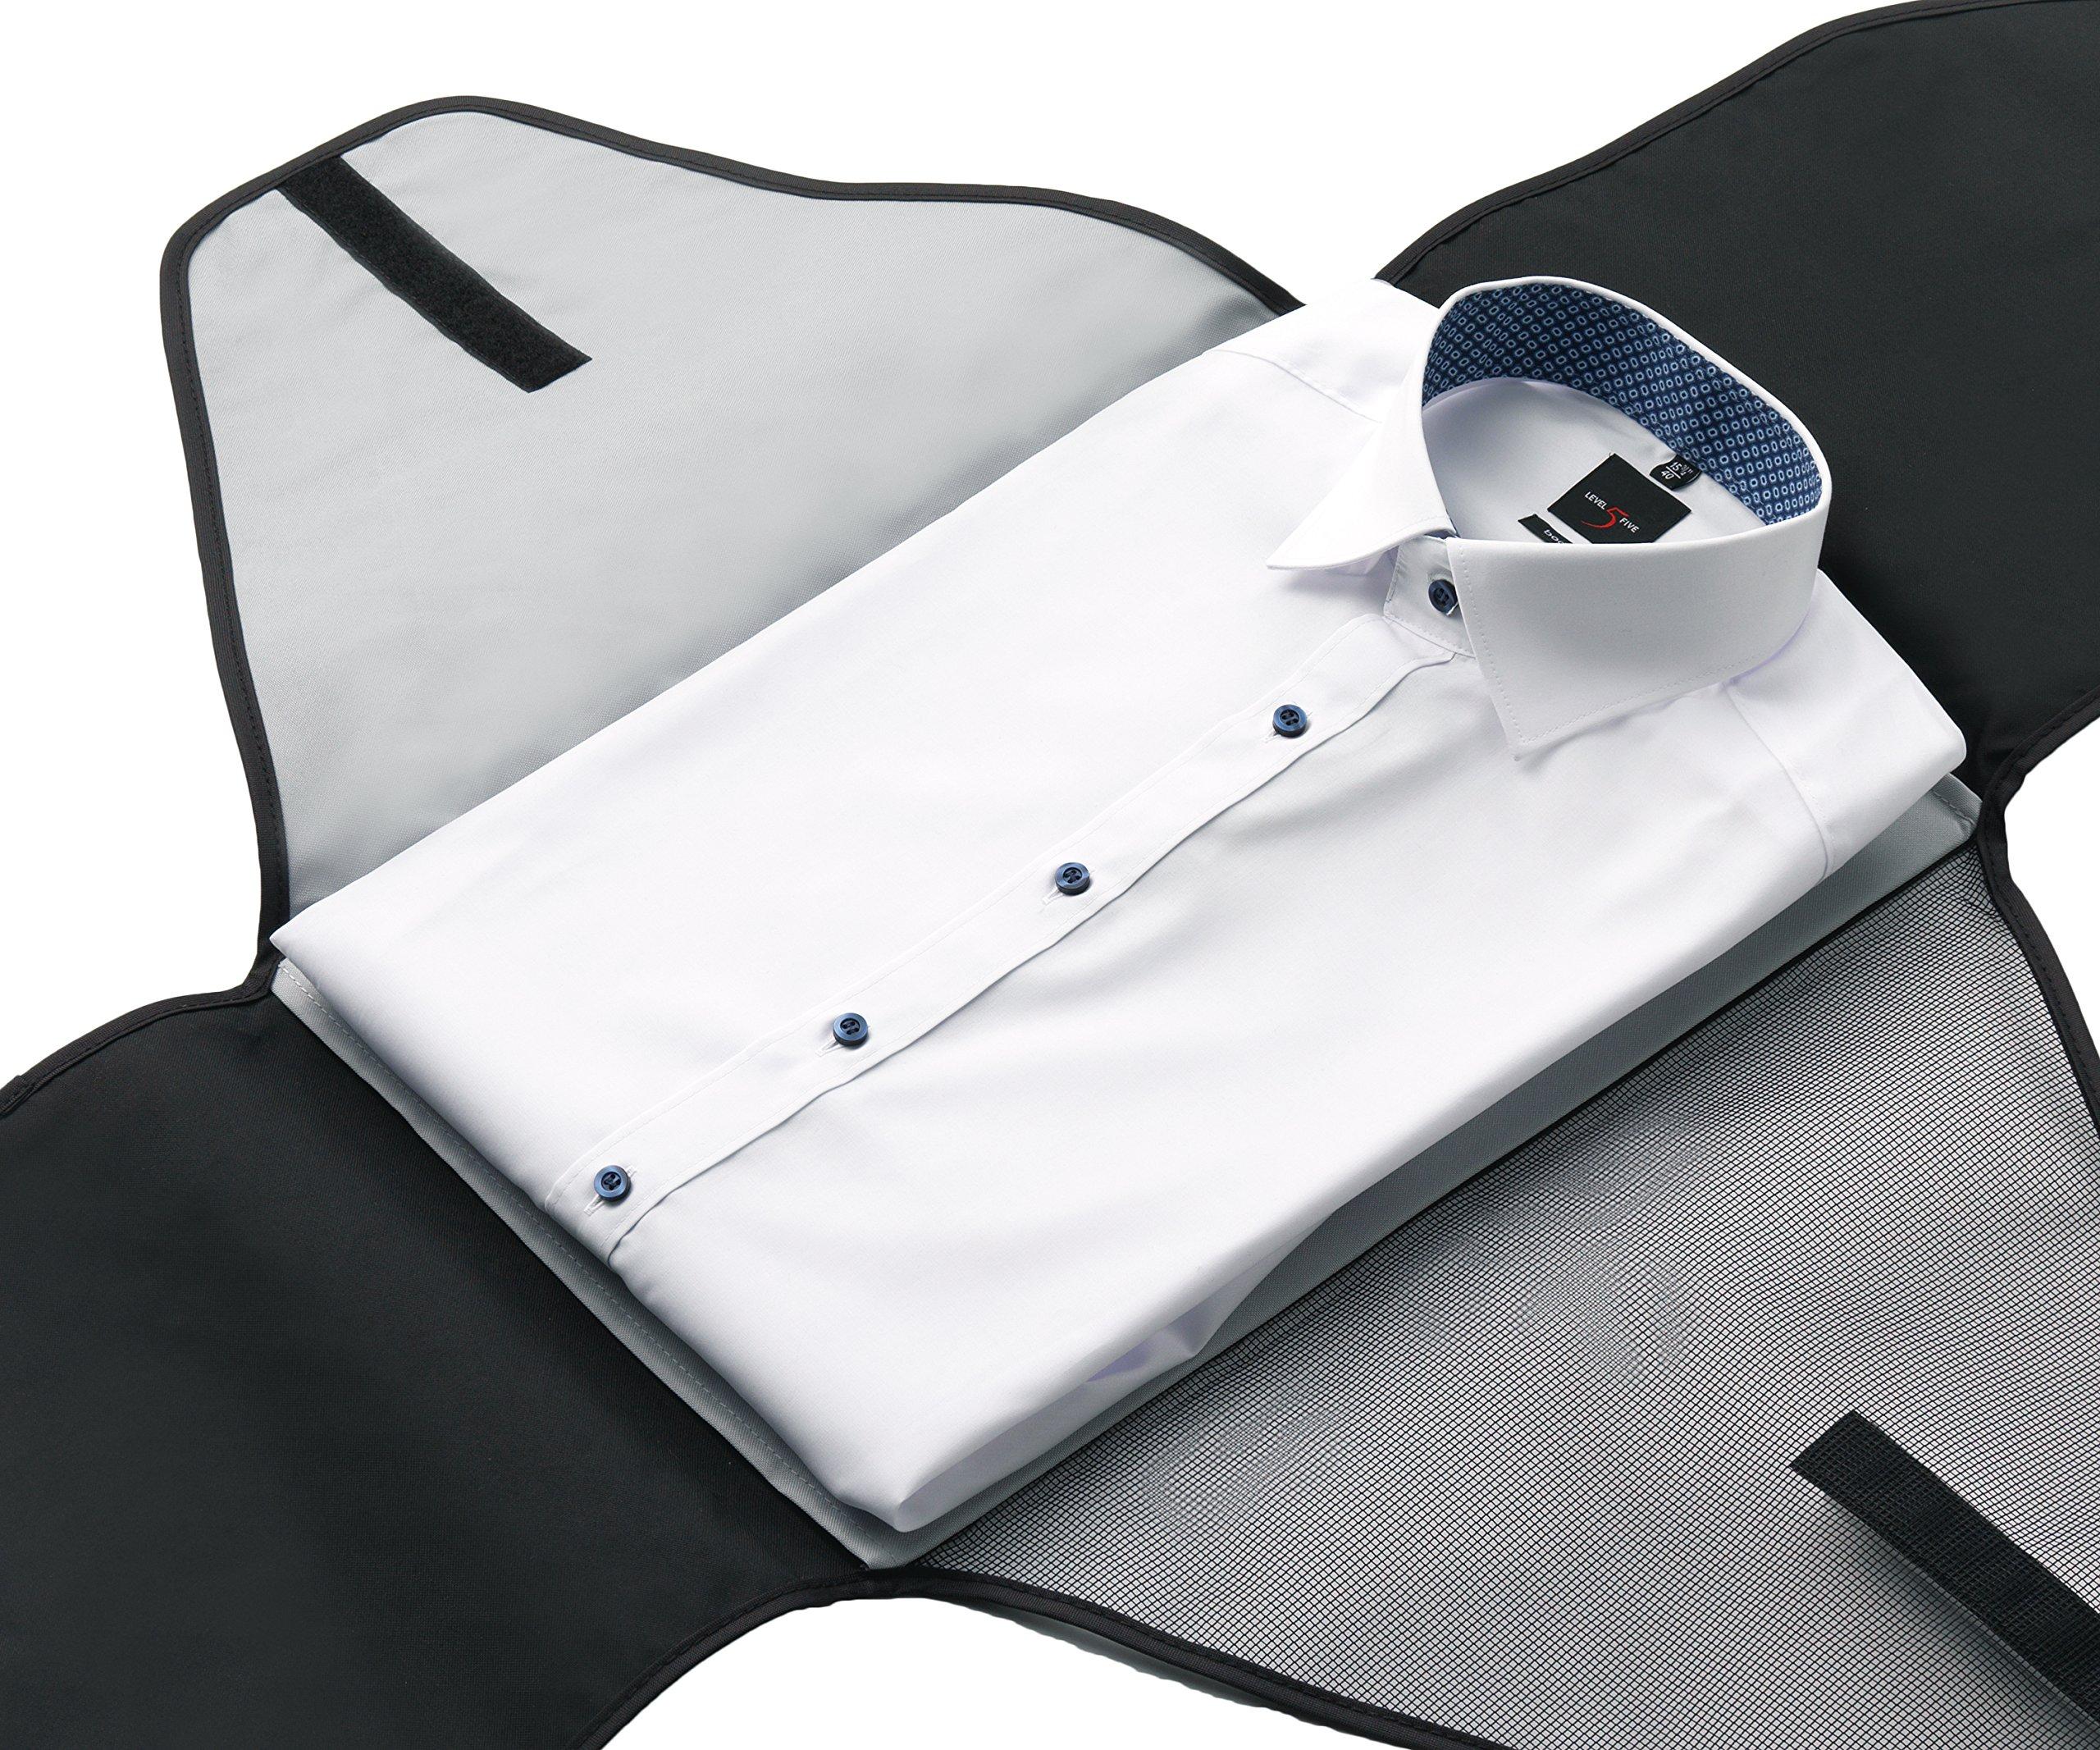 buy popular 7ecf4 5c74b Alpamayo borsa per camicie, borsa per indumenti per il trasporto e in  viaggio di camicie senza grinze in valigia, o borse da viaggio, di colore  ...